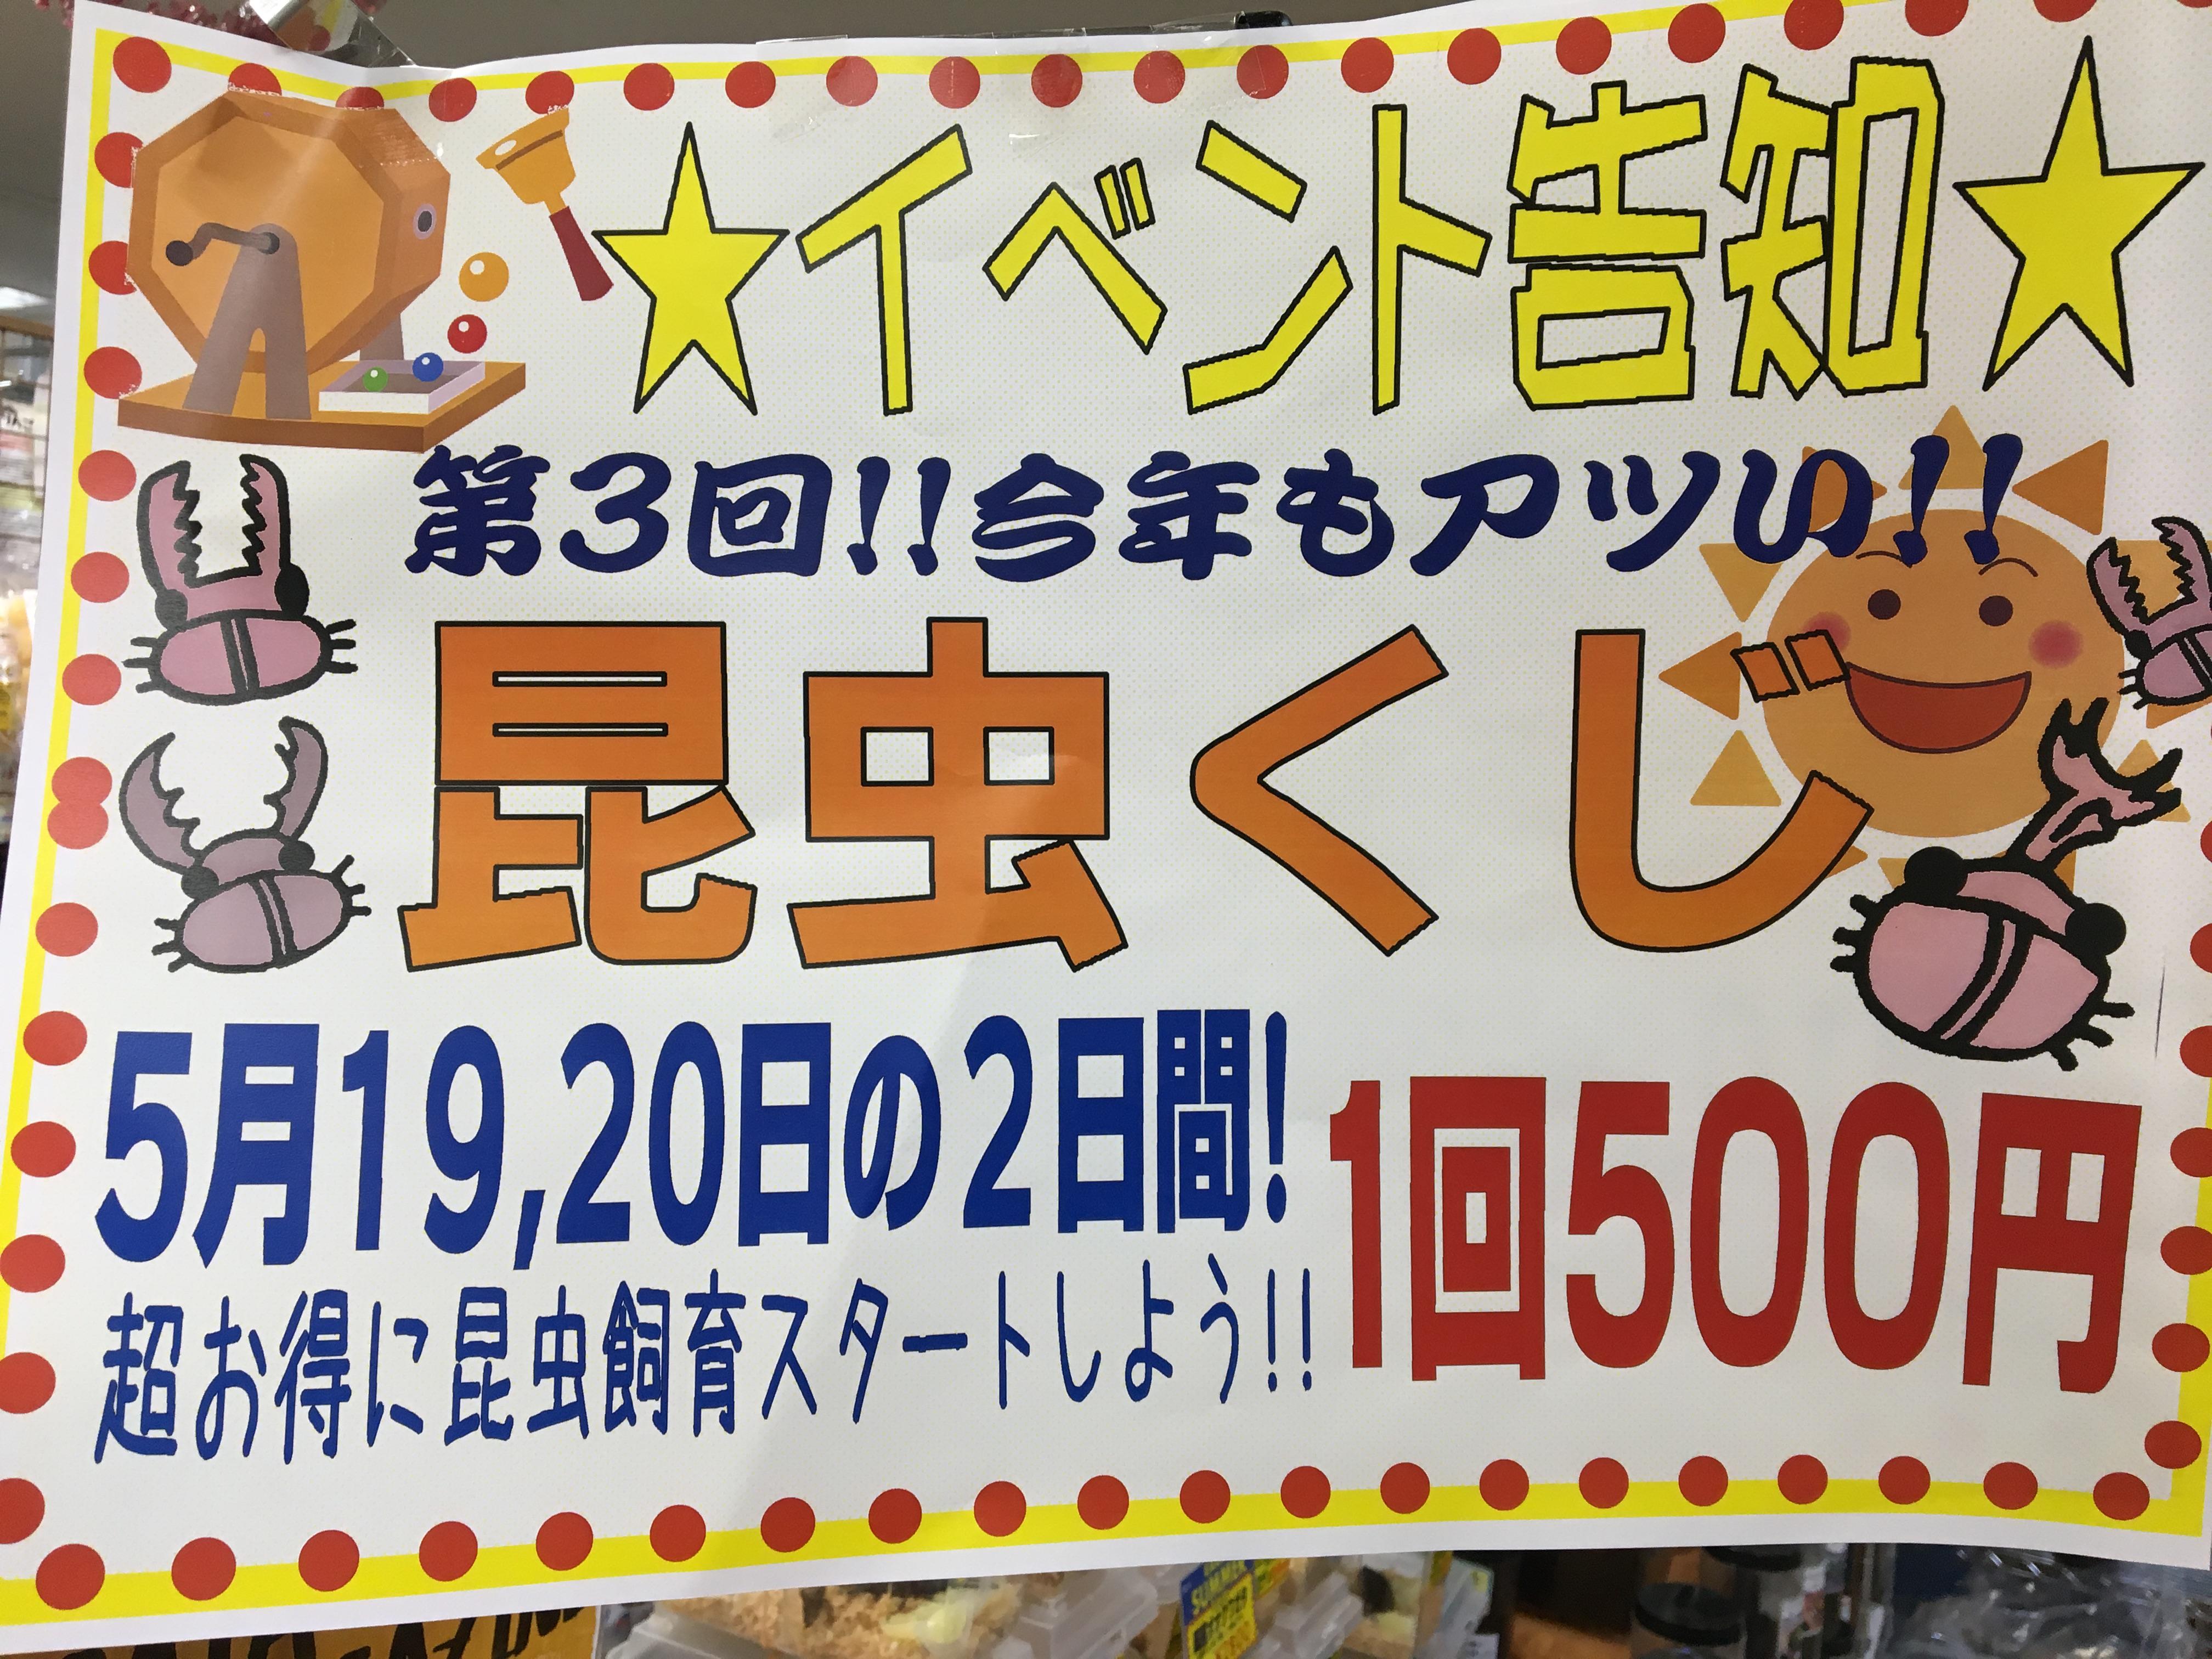 【 インター小動物 】昆虫and土日特価!!!